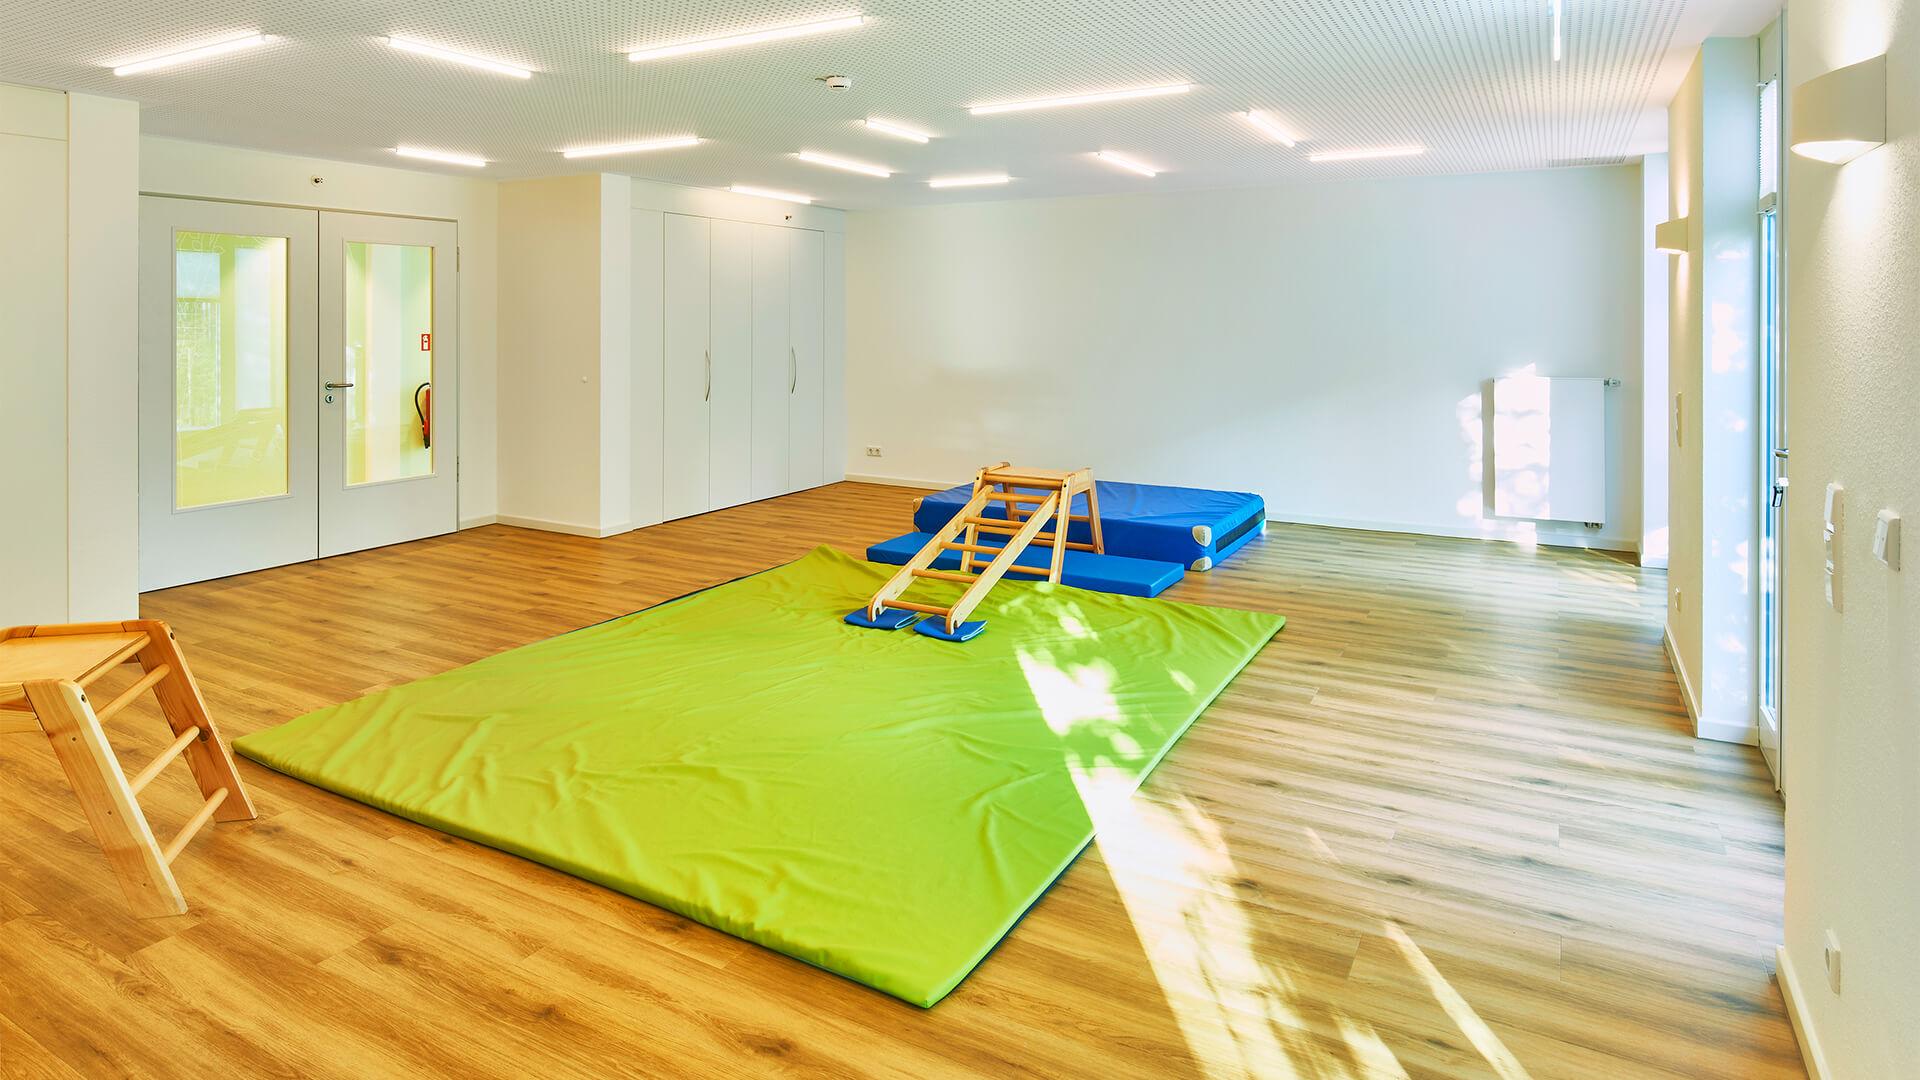 Turnhalle mit Bodenmatten und Klettermöglichkeit